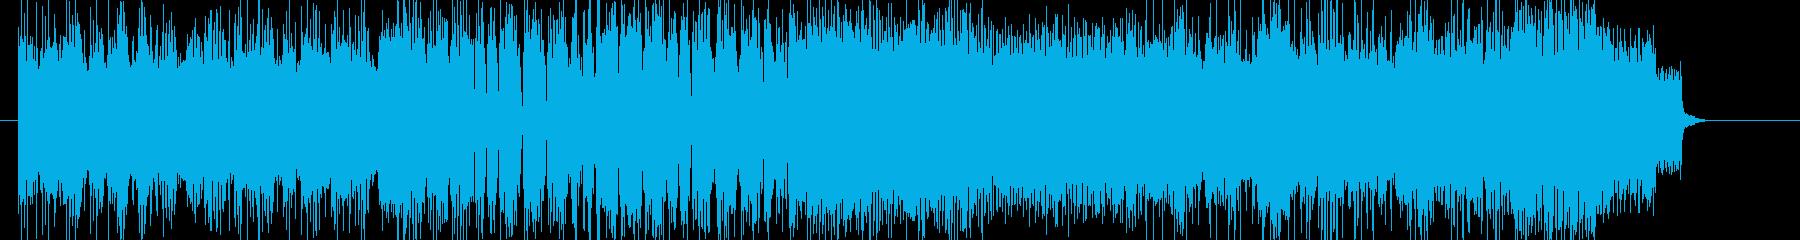 DEATHCORE/HARDCOREの再生済みの波形